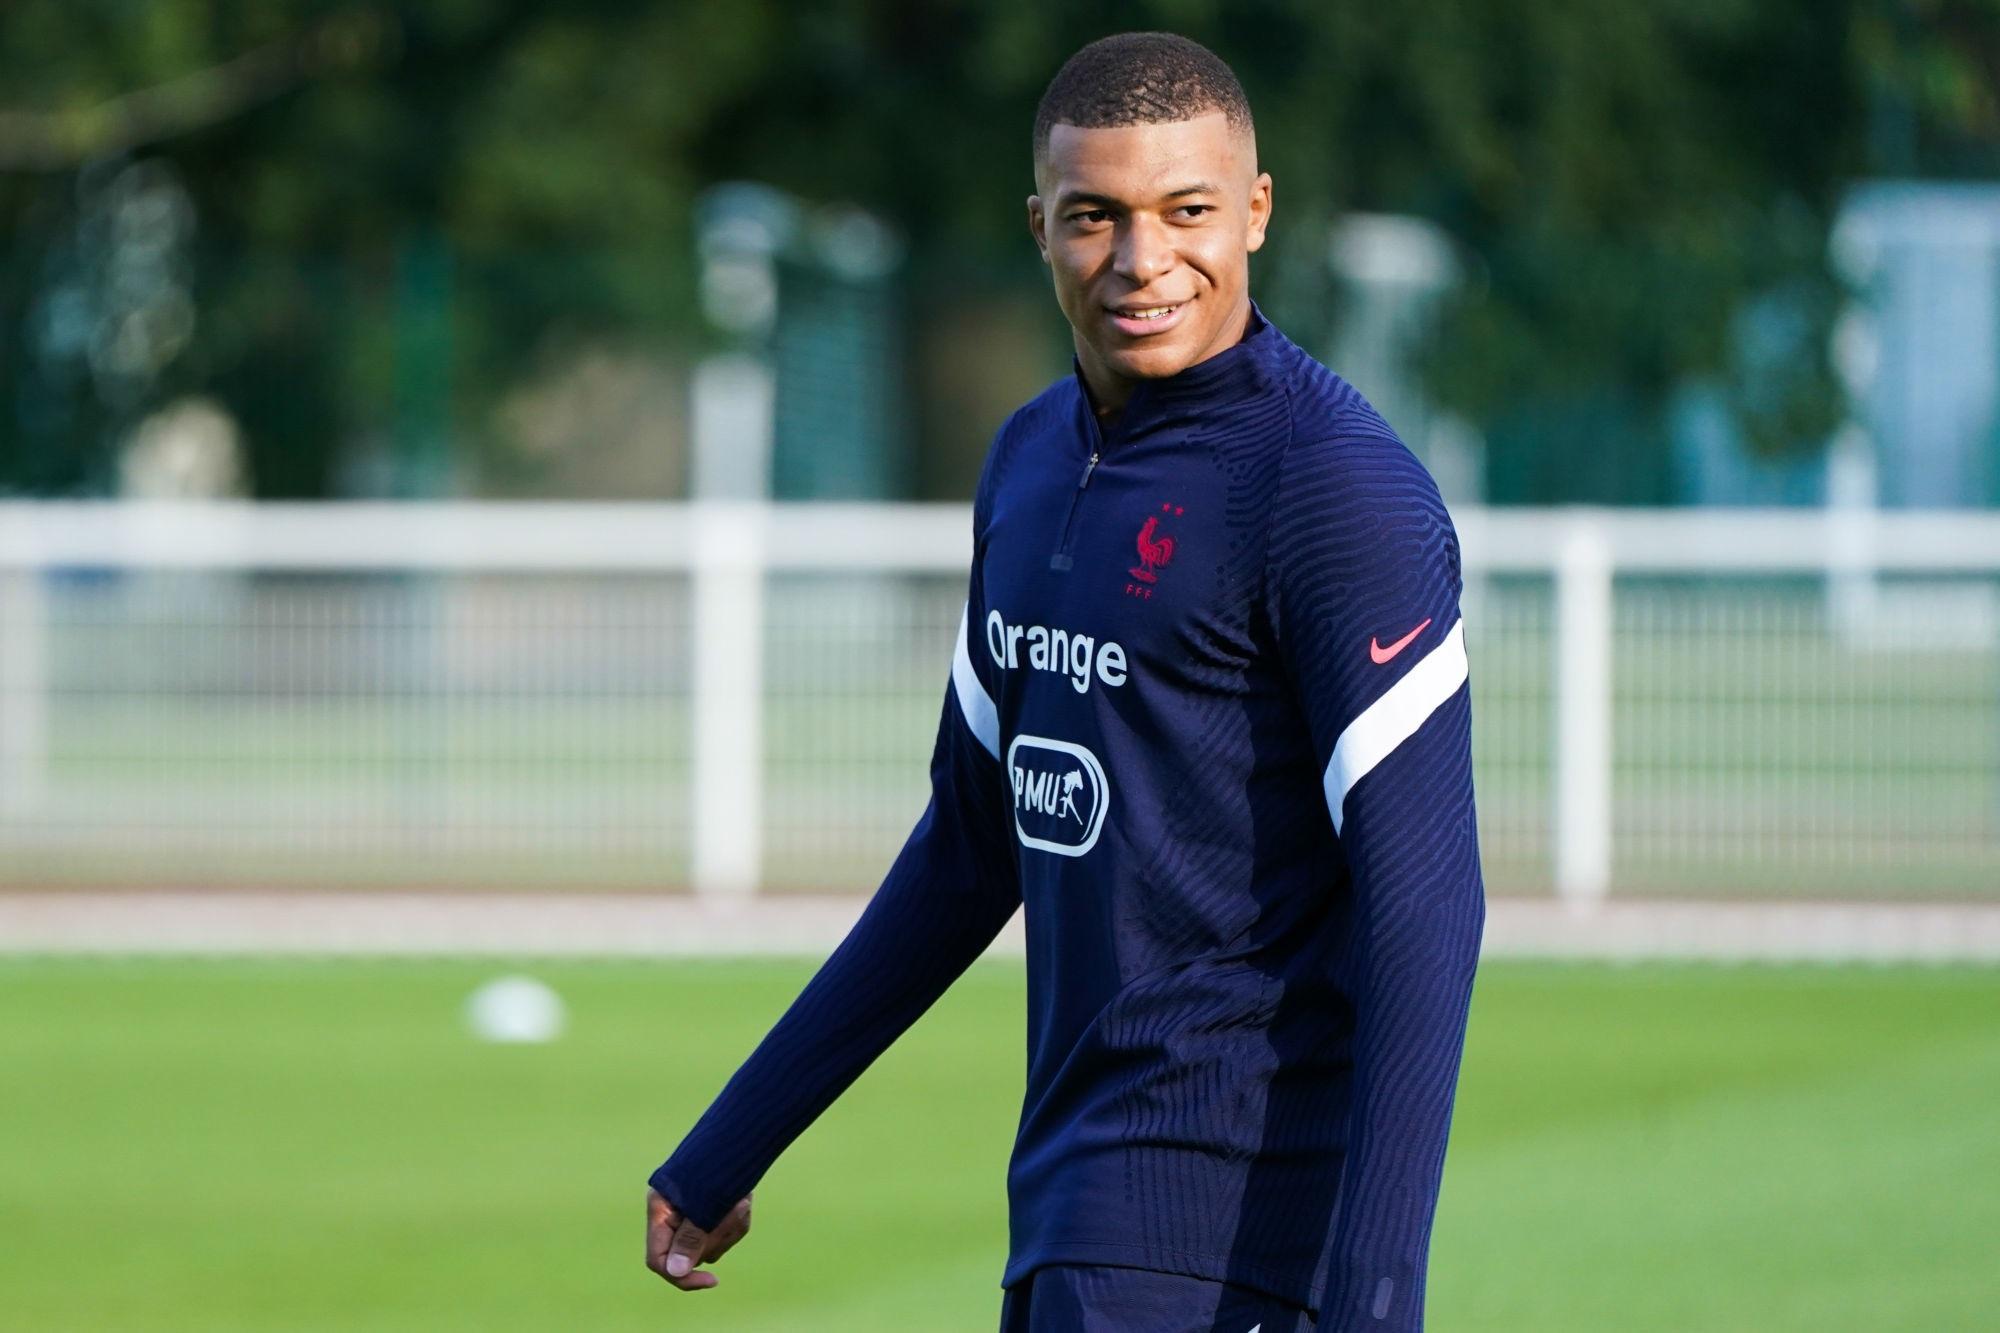 Croatie/France - Les équipes selon la presse : le 4-4-2 avec Mbappé, et Kimpembe ?